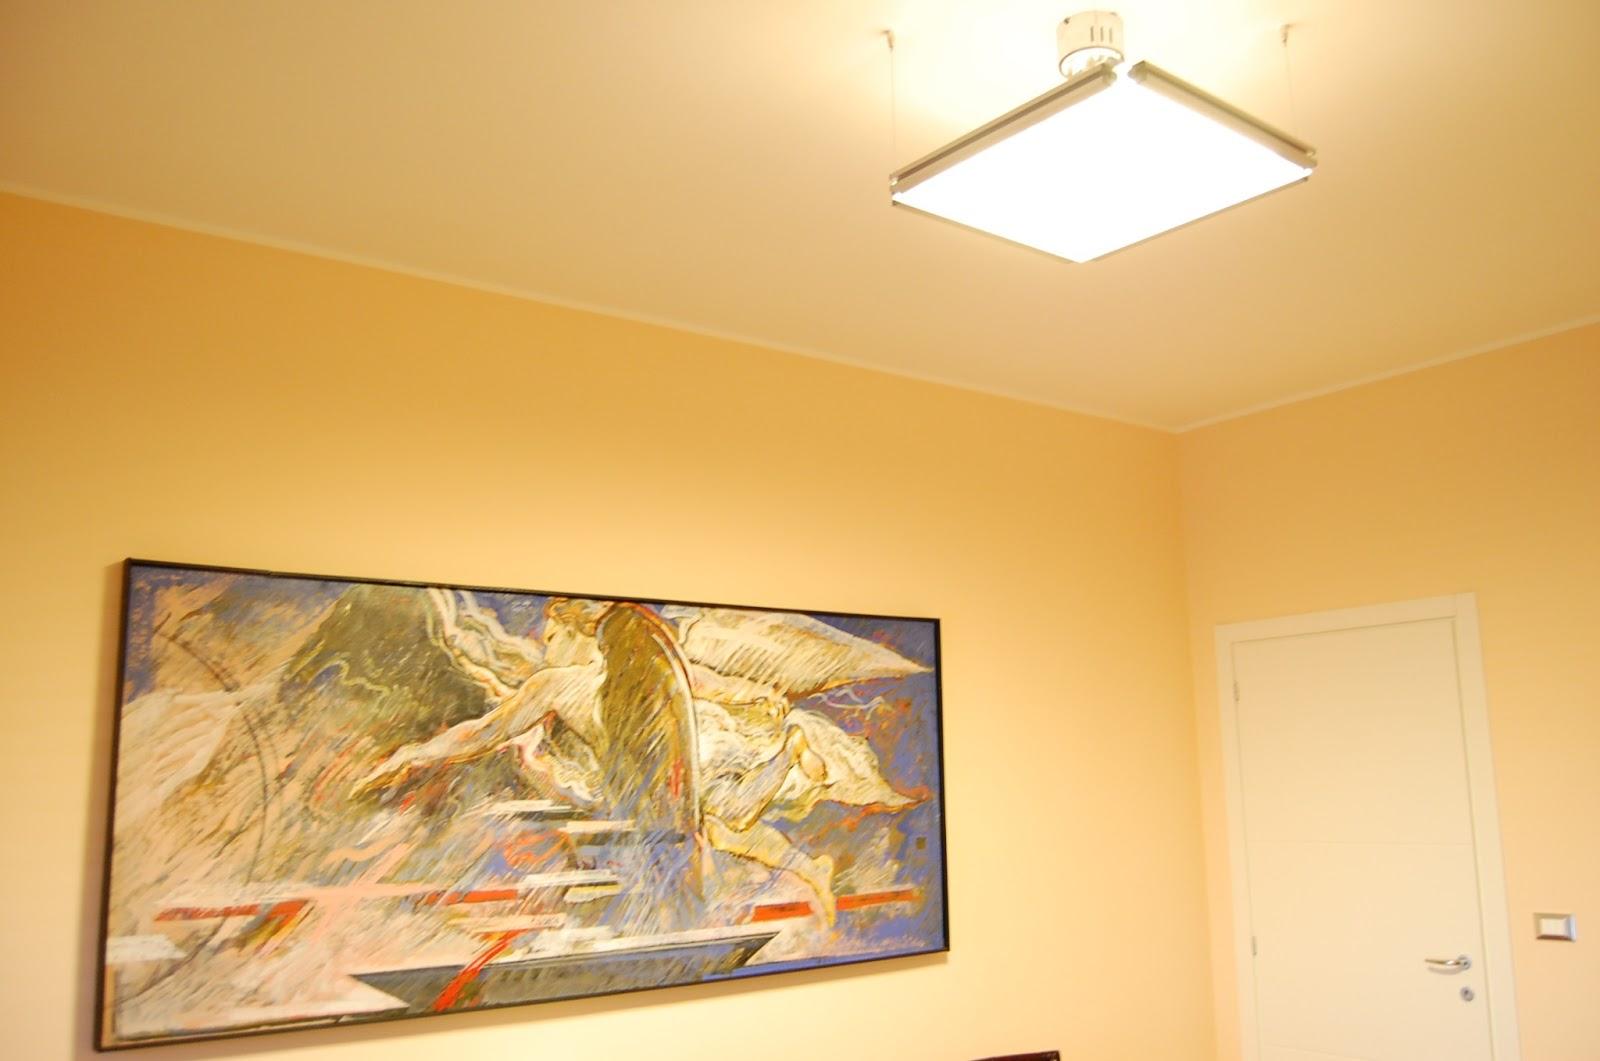 Illuminazione led casa appartamento progetto illuminotecnico led ristrutturando un appartamento - Illuminazione led casa ...